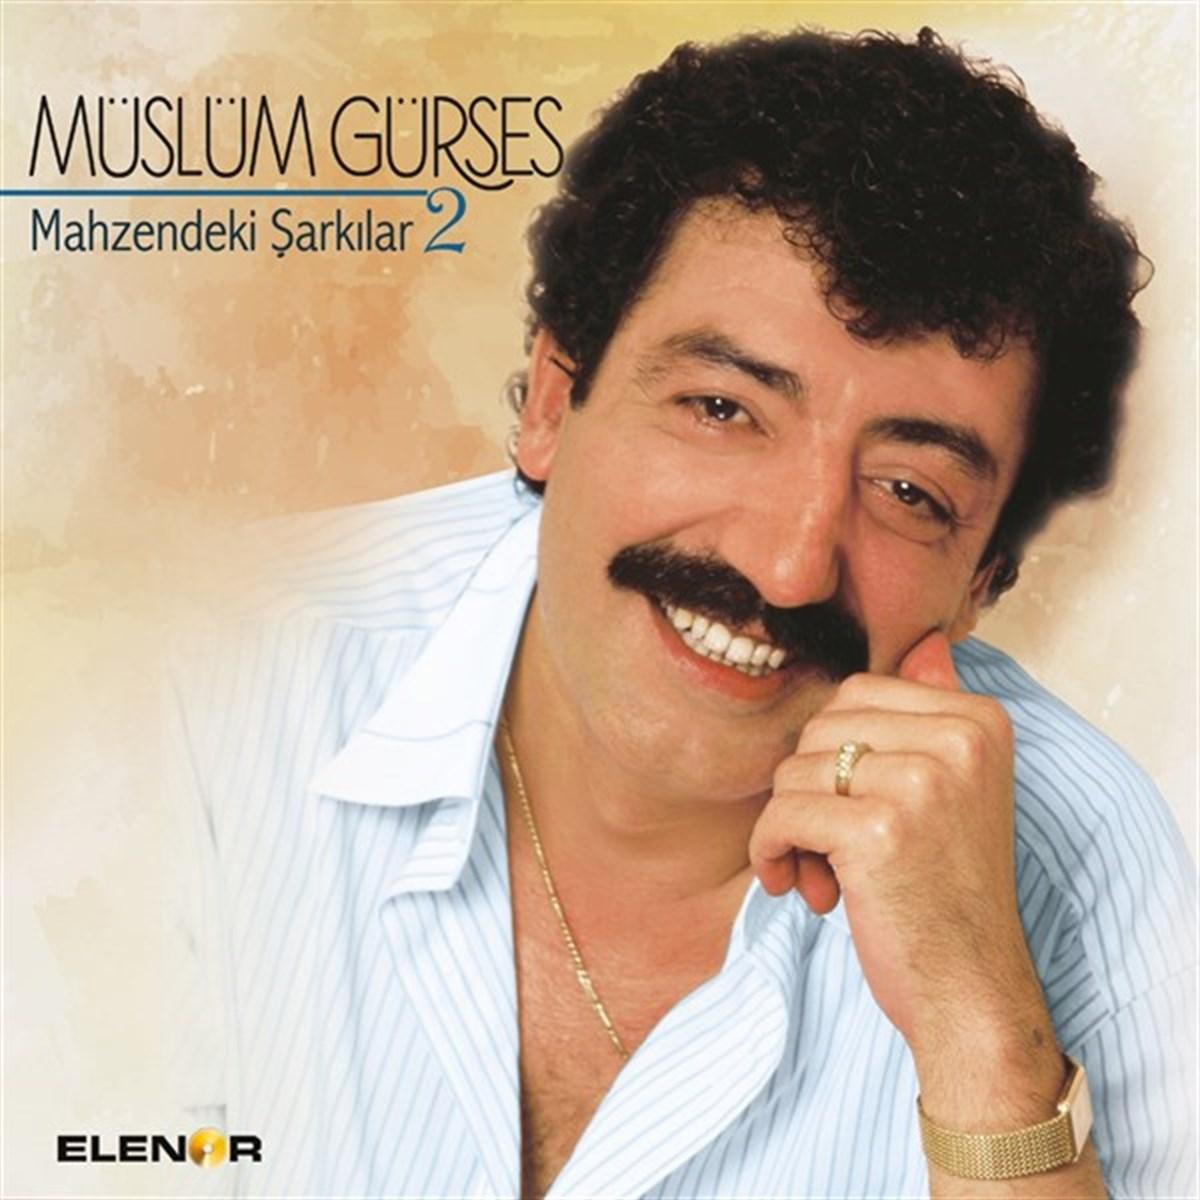 Müslüm Gürses - Mahzendeki Şarkılar 2 (CD)